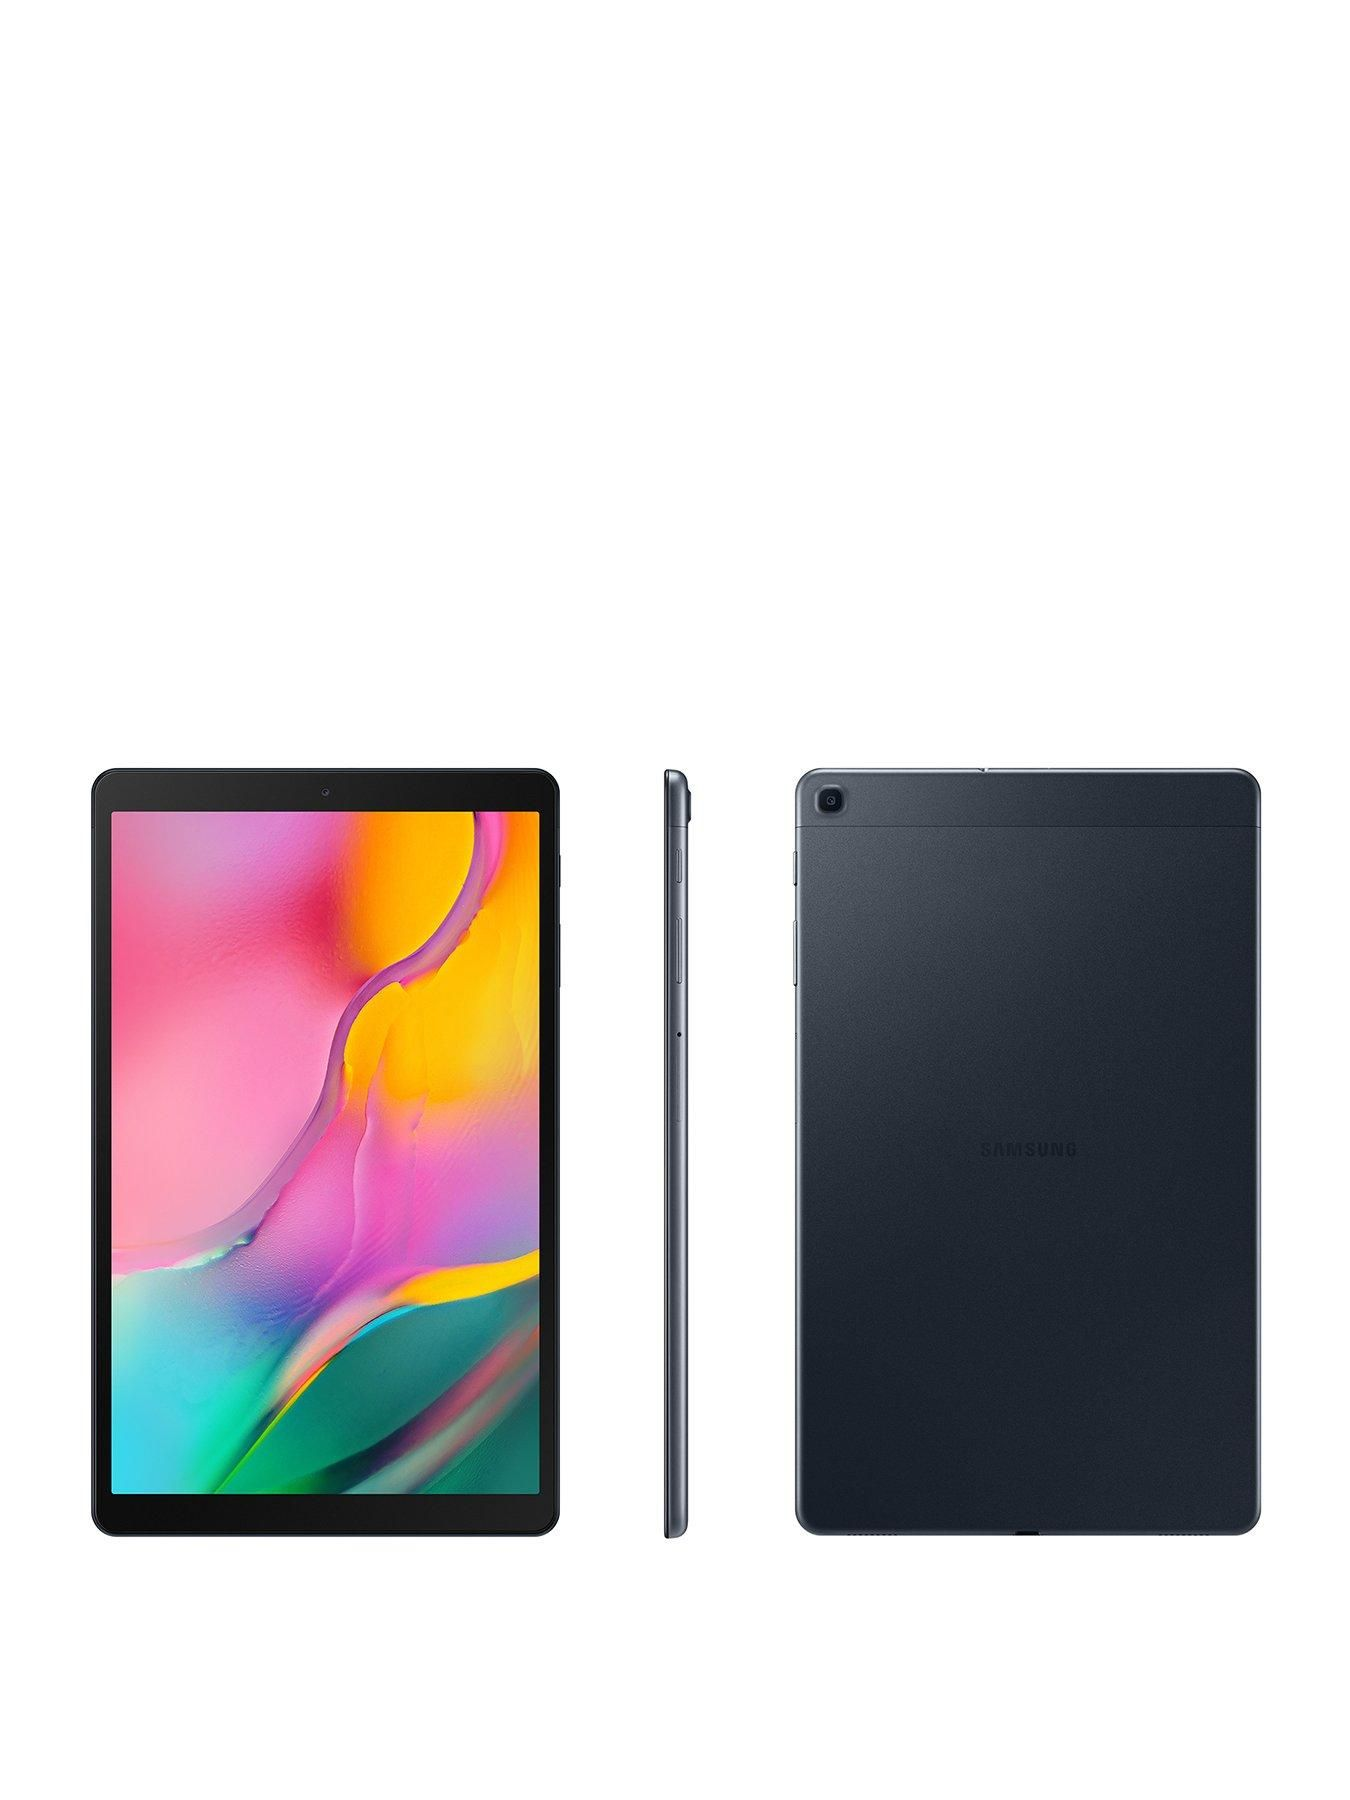 Samsung Galaxy Tab A 10 1 Inch Tablet 2019 32gb Black Black Samsung Galaxy Android 9